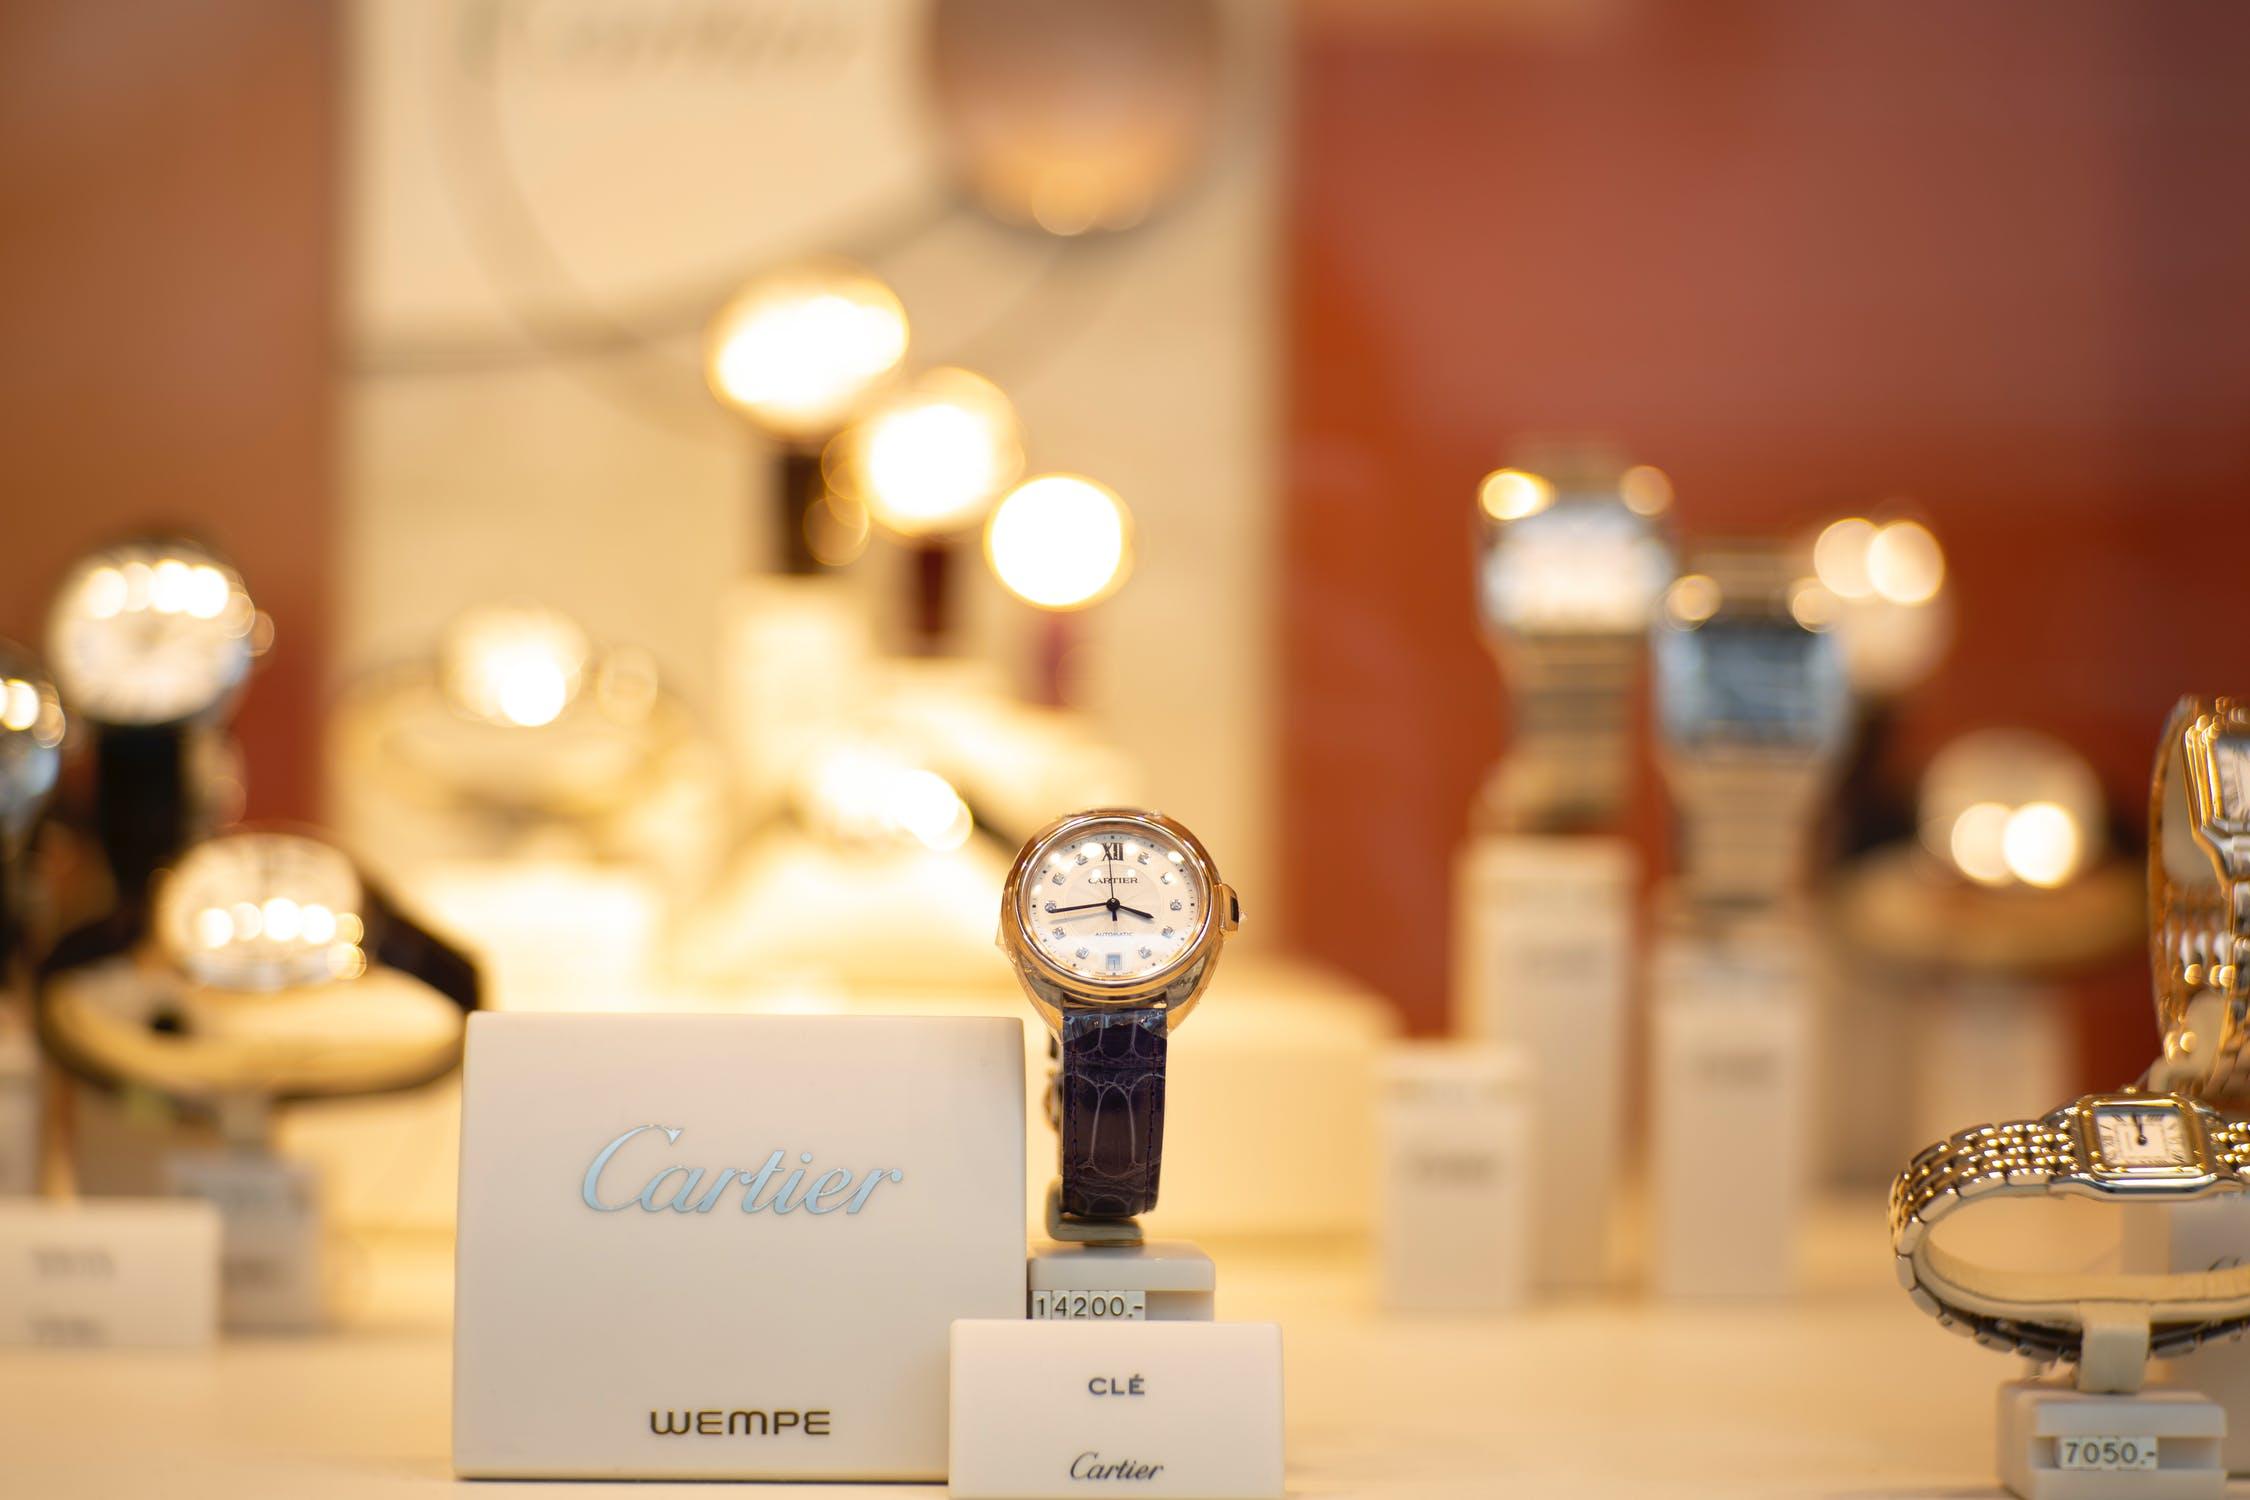 Czymożna dać zegarek naprezent?